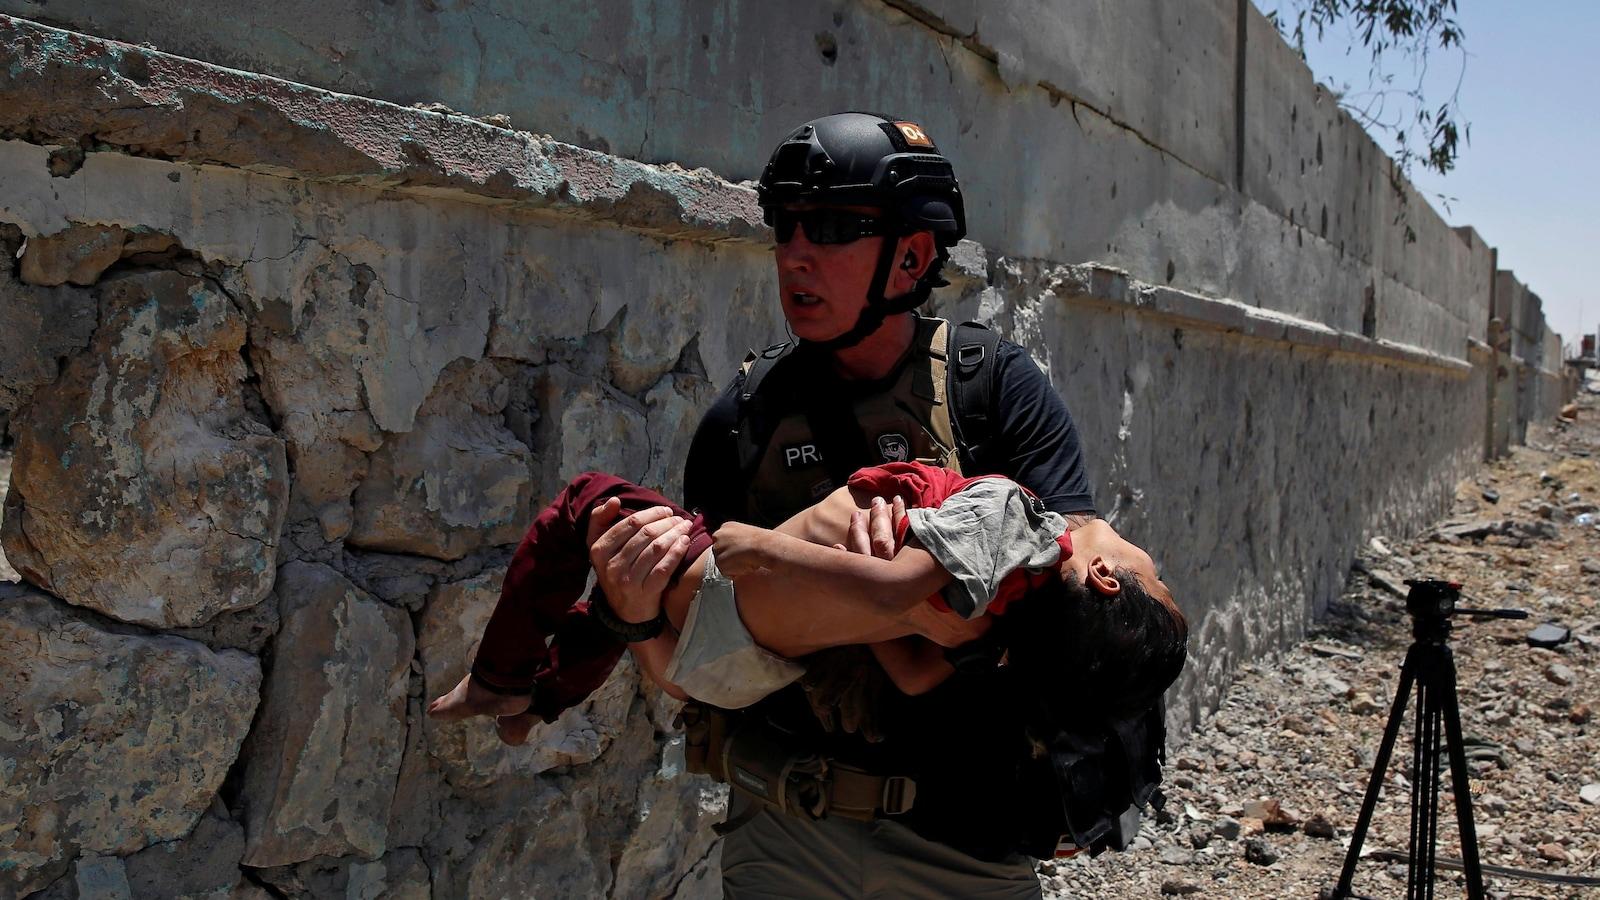 Un membre de la presse transporte un enfant gravement déshydraté dans un quartier de Mossoul.